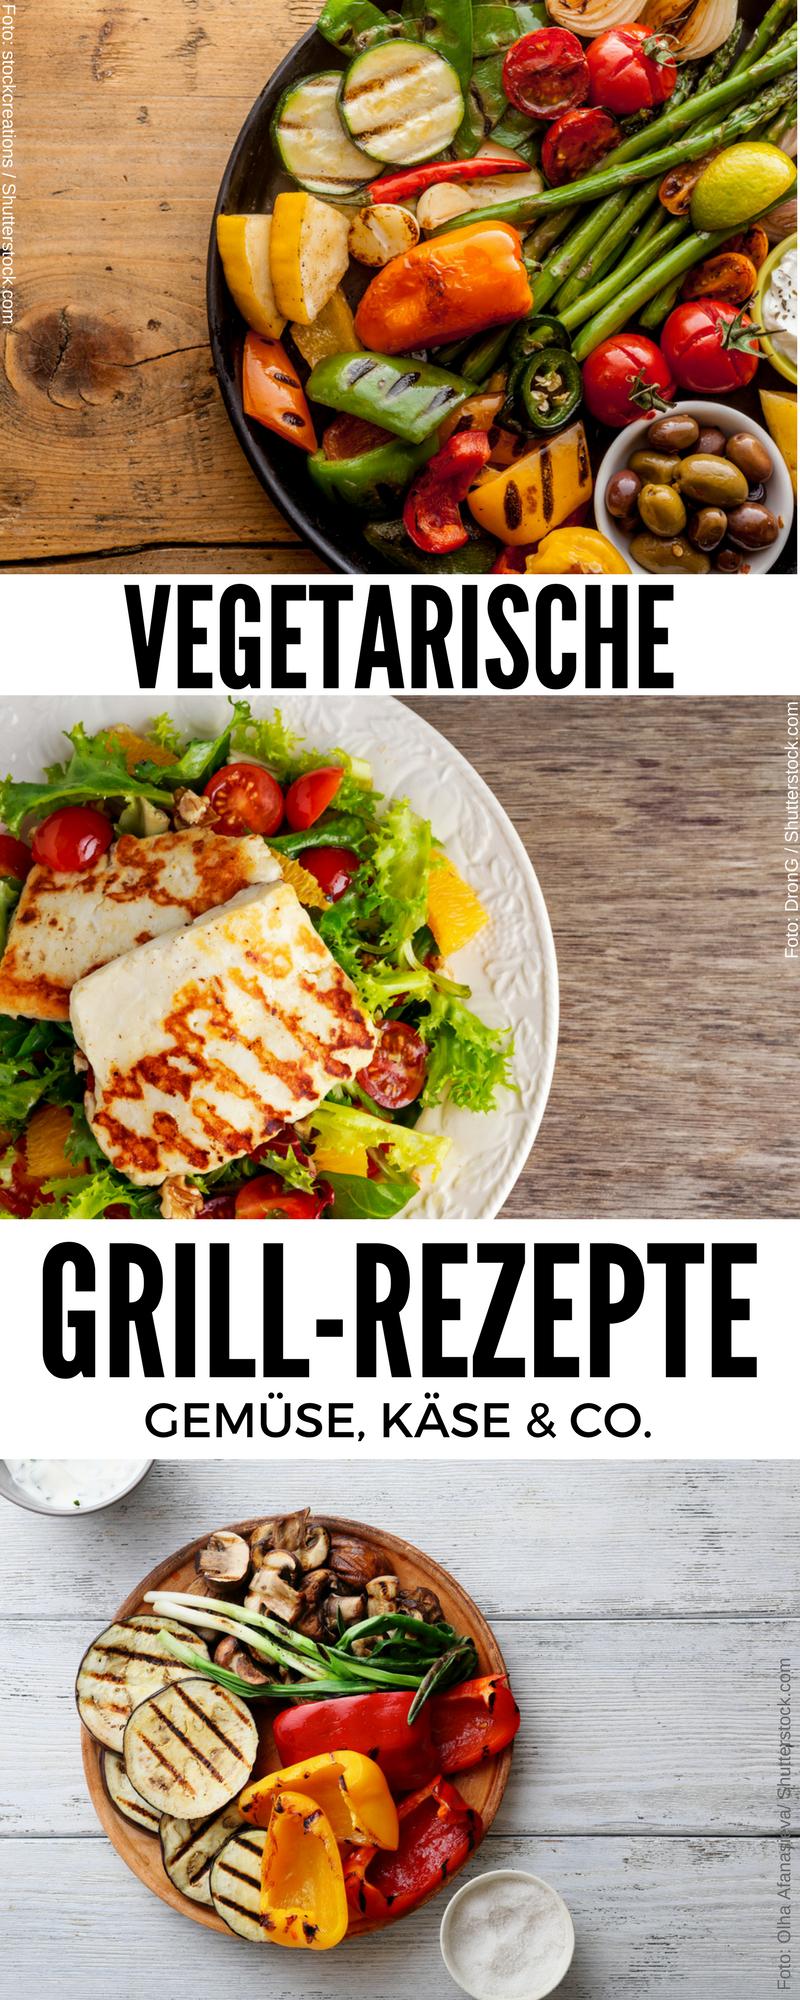 Feurige Maiskolben, knackige Gemüsespieße und frische Salate: Vegetarisch grillen ist nicht nur einfach, sondern auch extrem lecker. Hier gibt's die besten Veggie-Rezepte der Grillsaison #vegetariangrilling